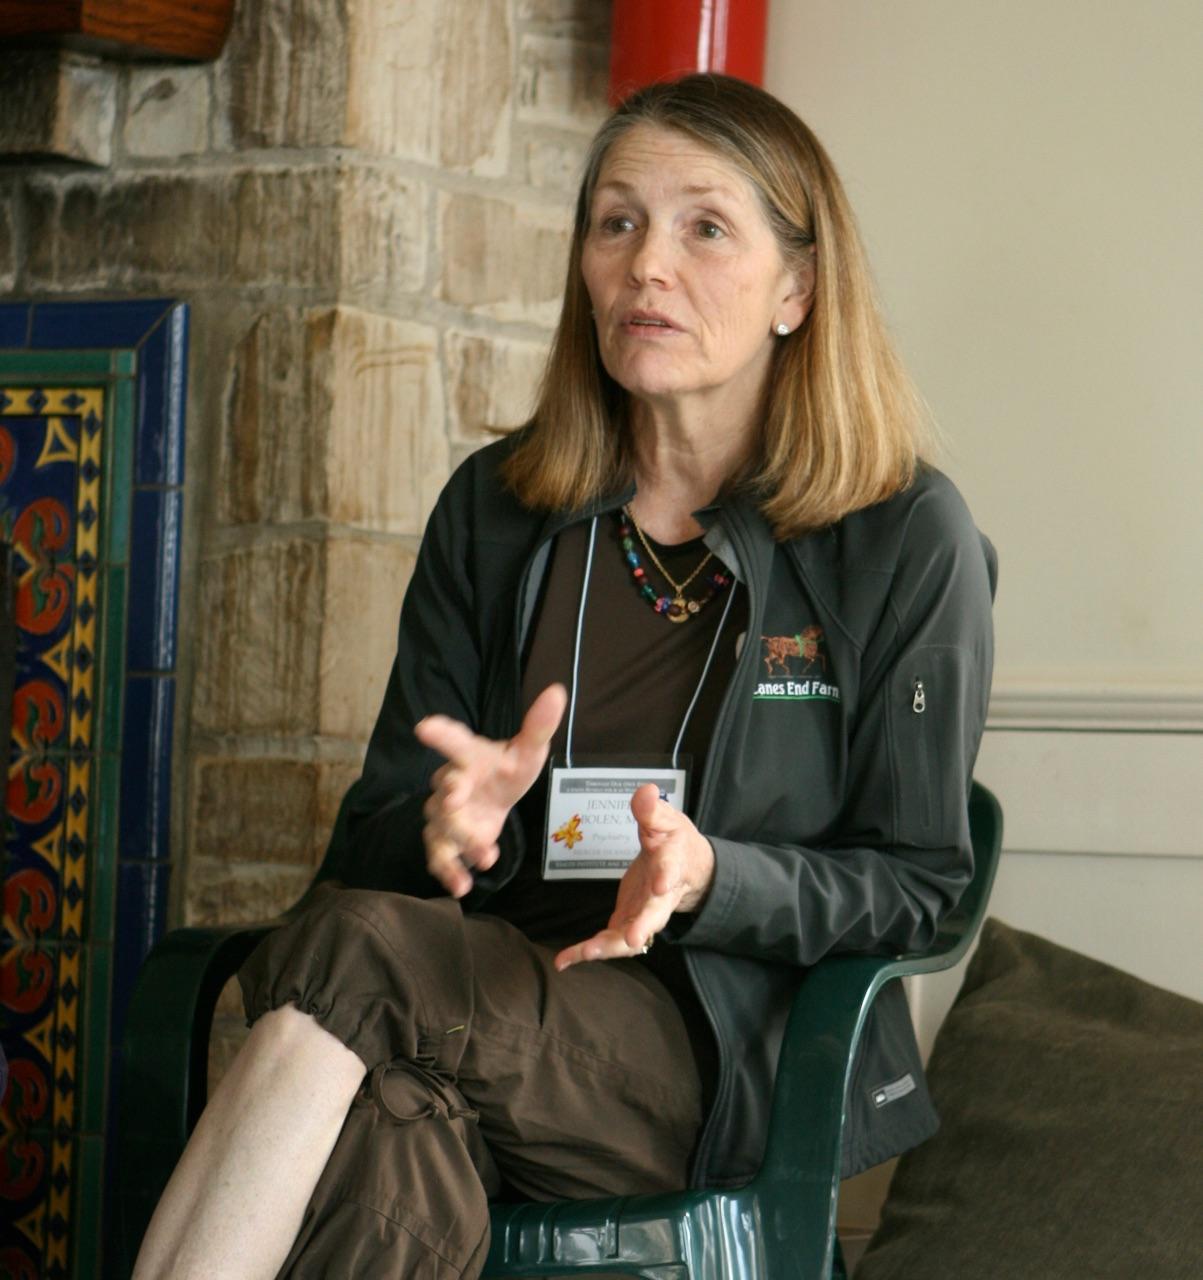 lecture Jenny 2009.jpeg